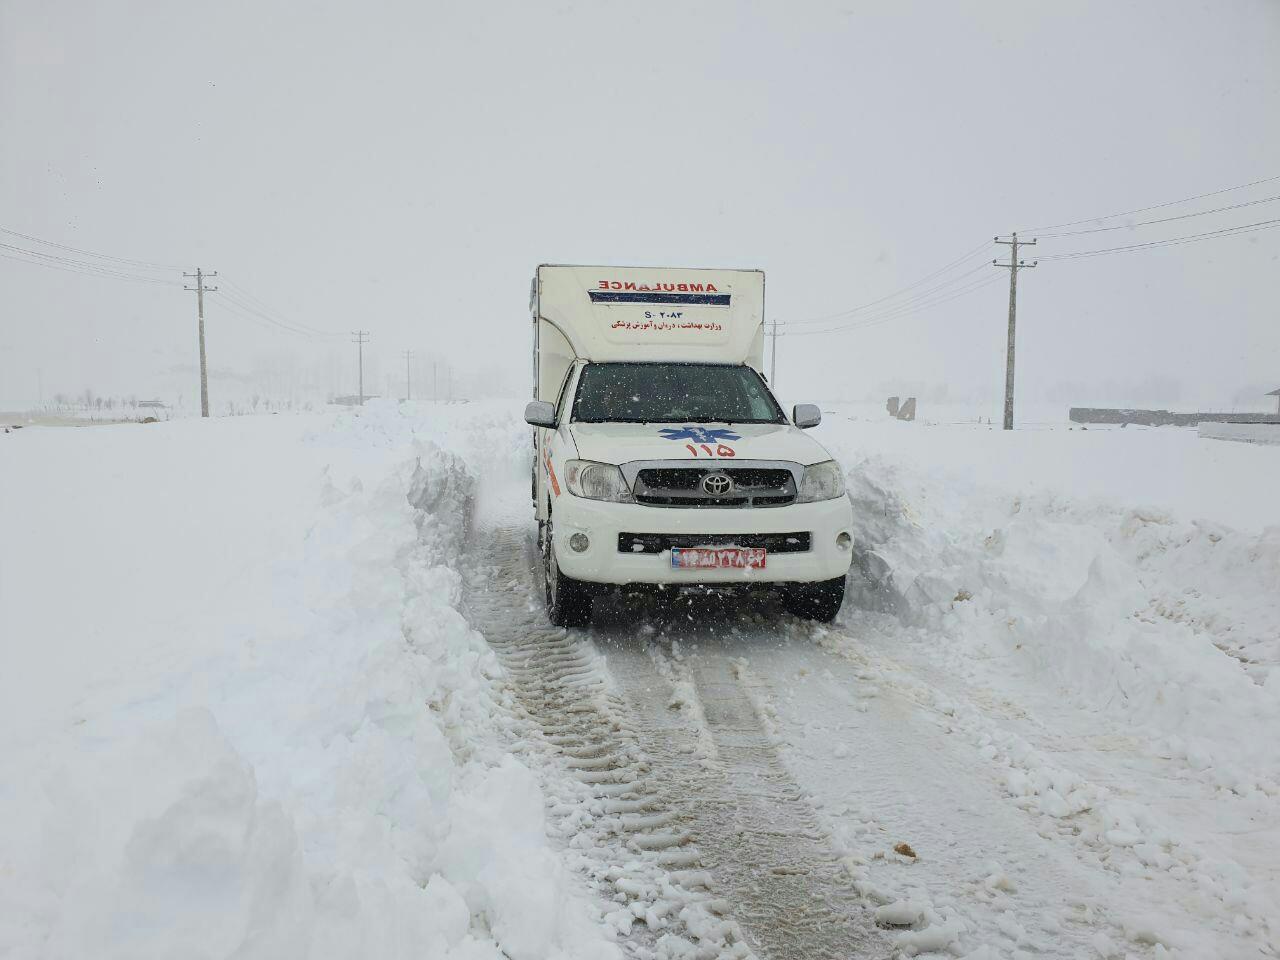 نجات جان مادر باردار چهاردانگه ای گرفتار در برف توسط اورژانس کلاح خسه